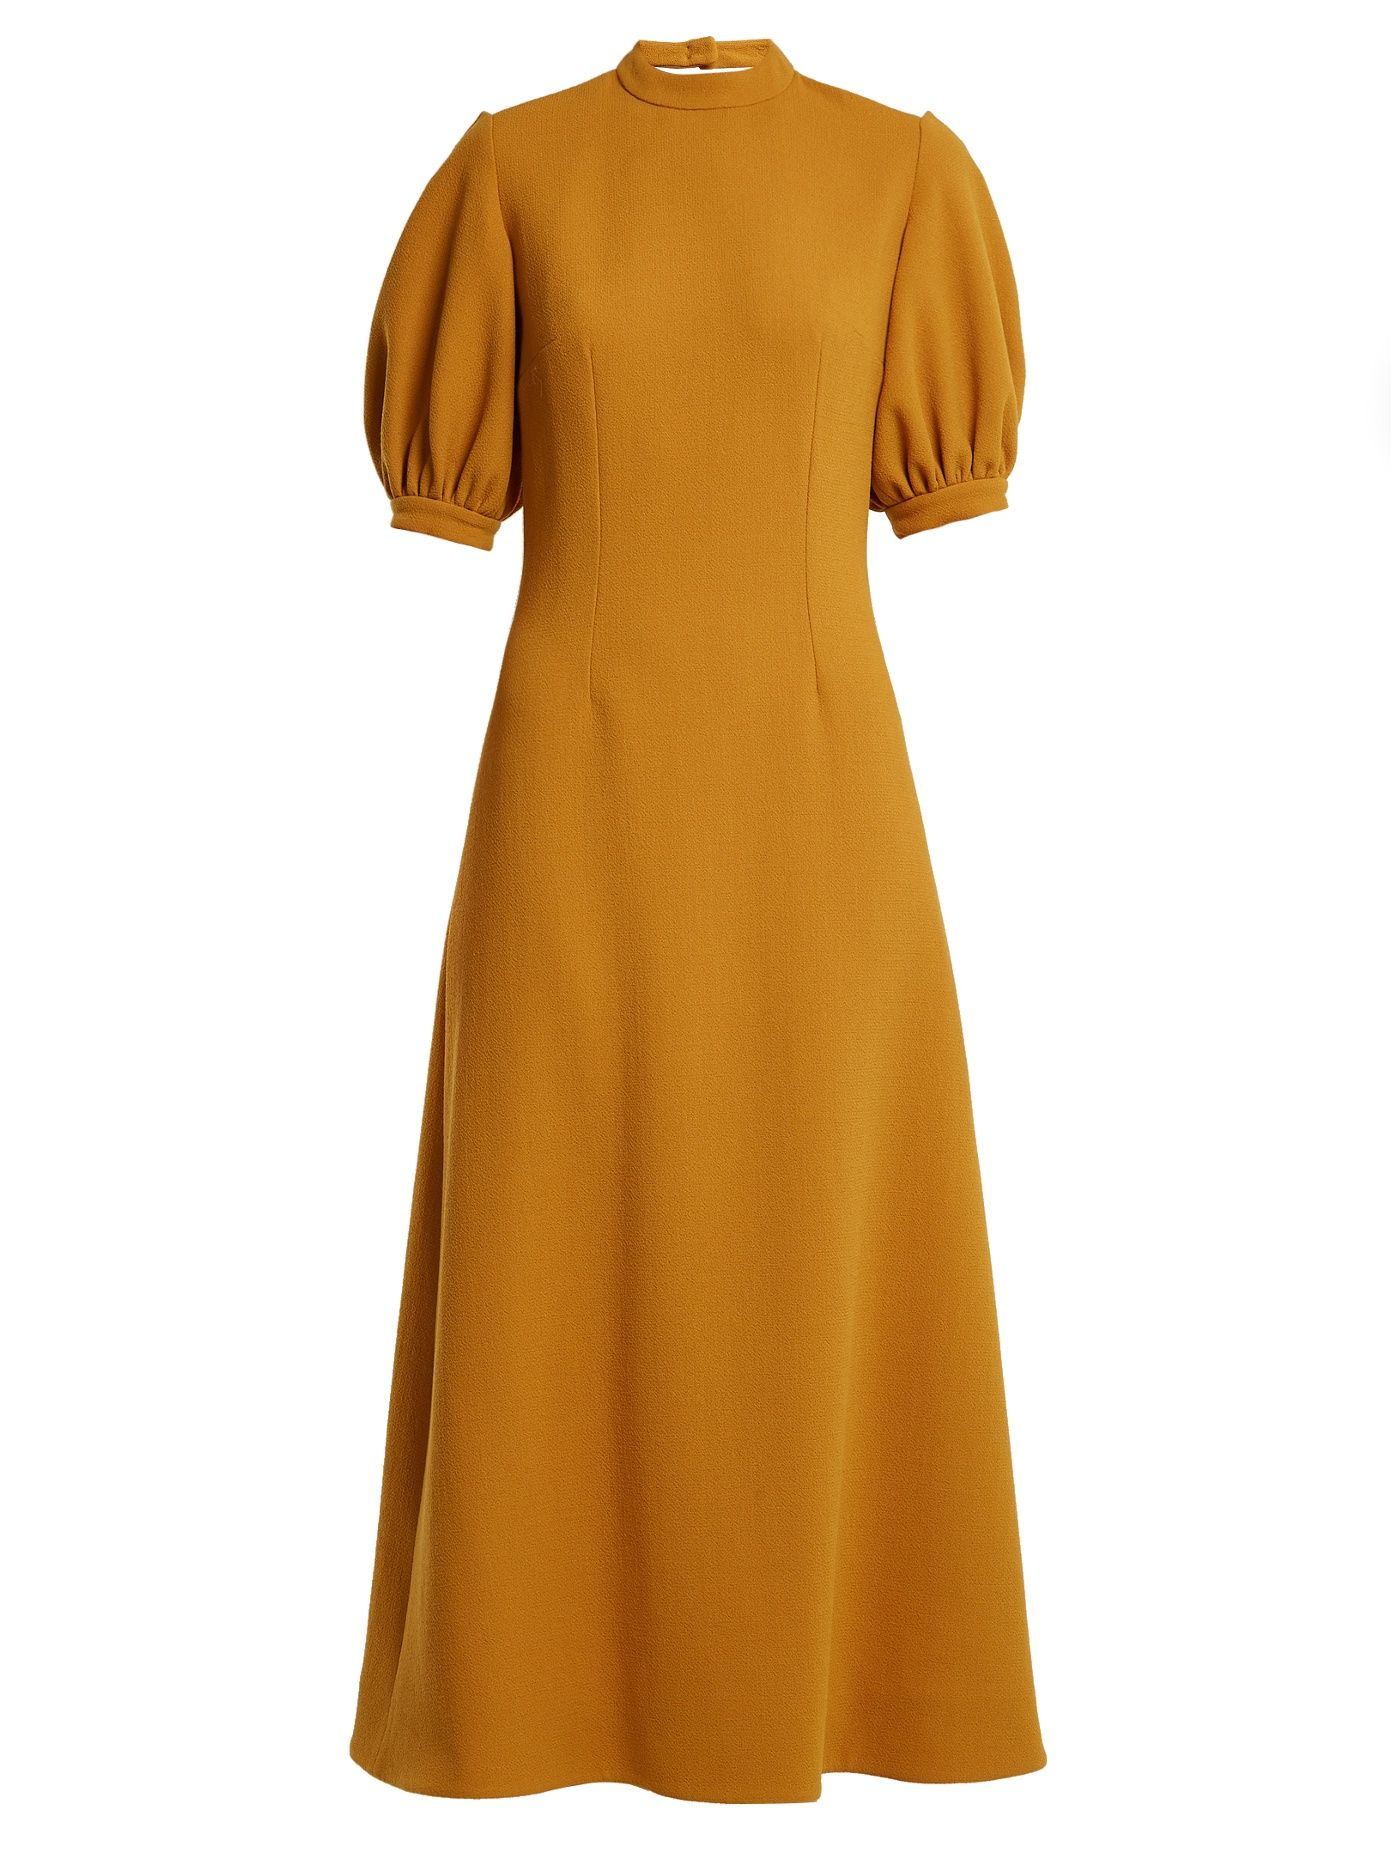 Elizabeth double-wool A-line midi dress Emilia Wickstead jsWCO09